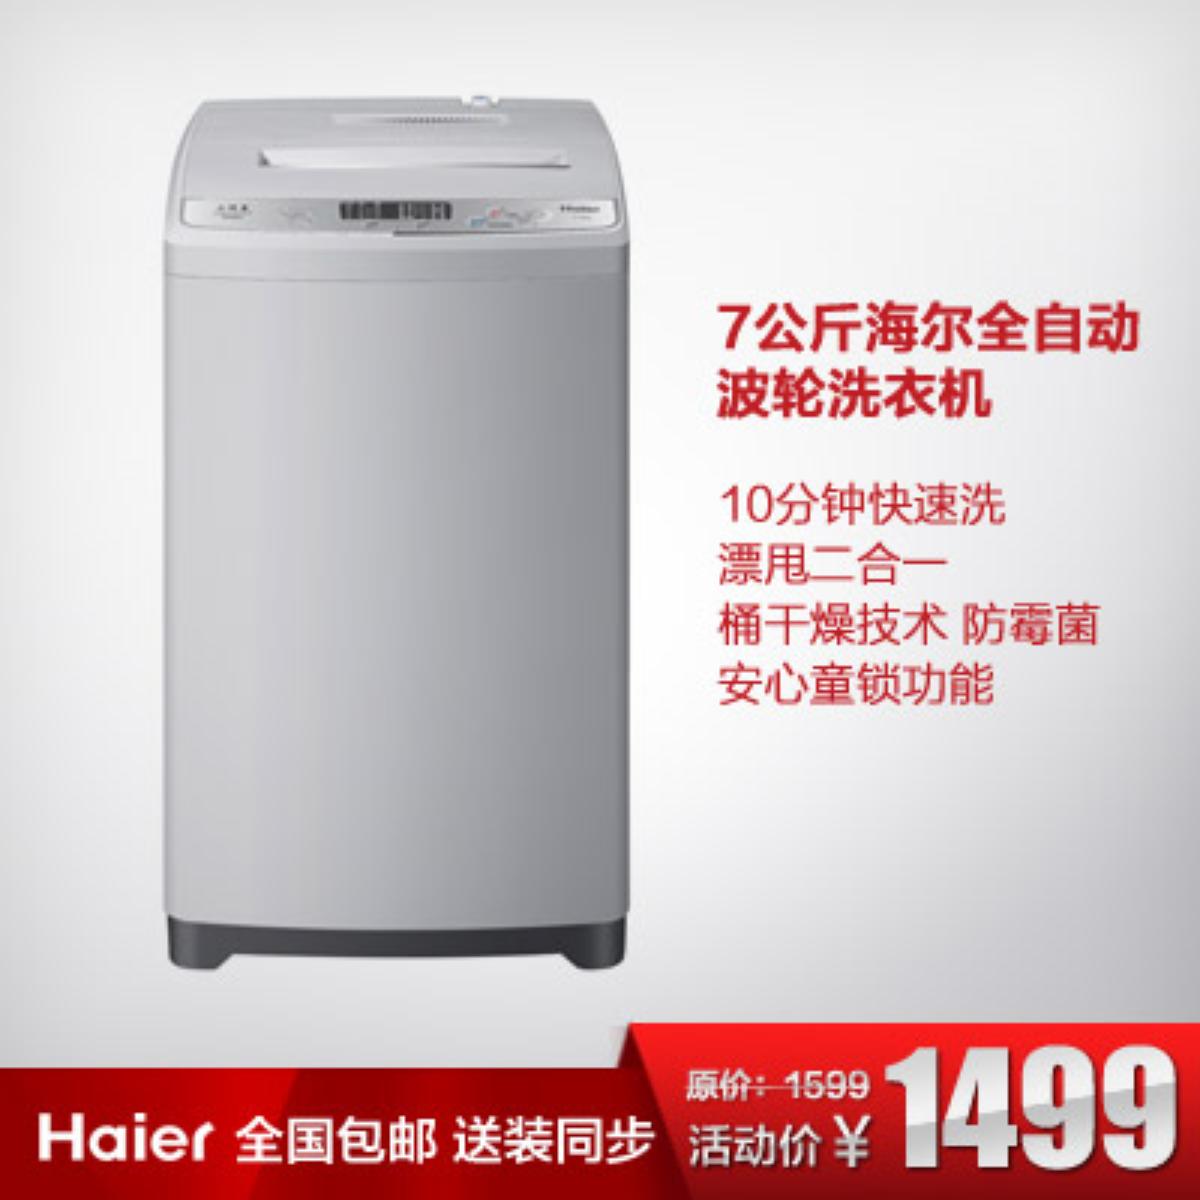 海尔波轮洗衣机 xqb70-lm1269s